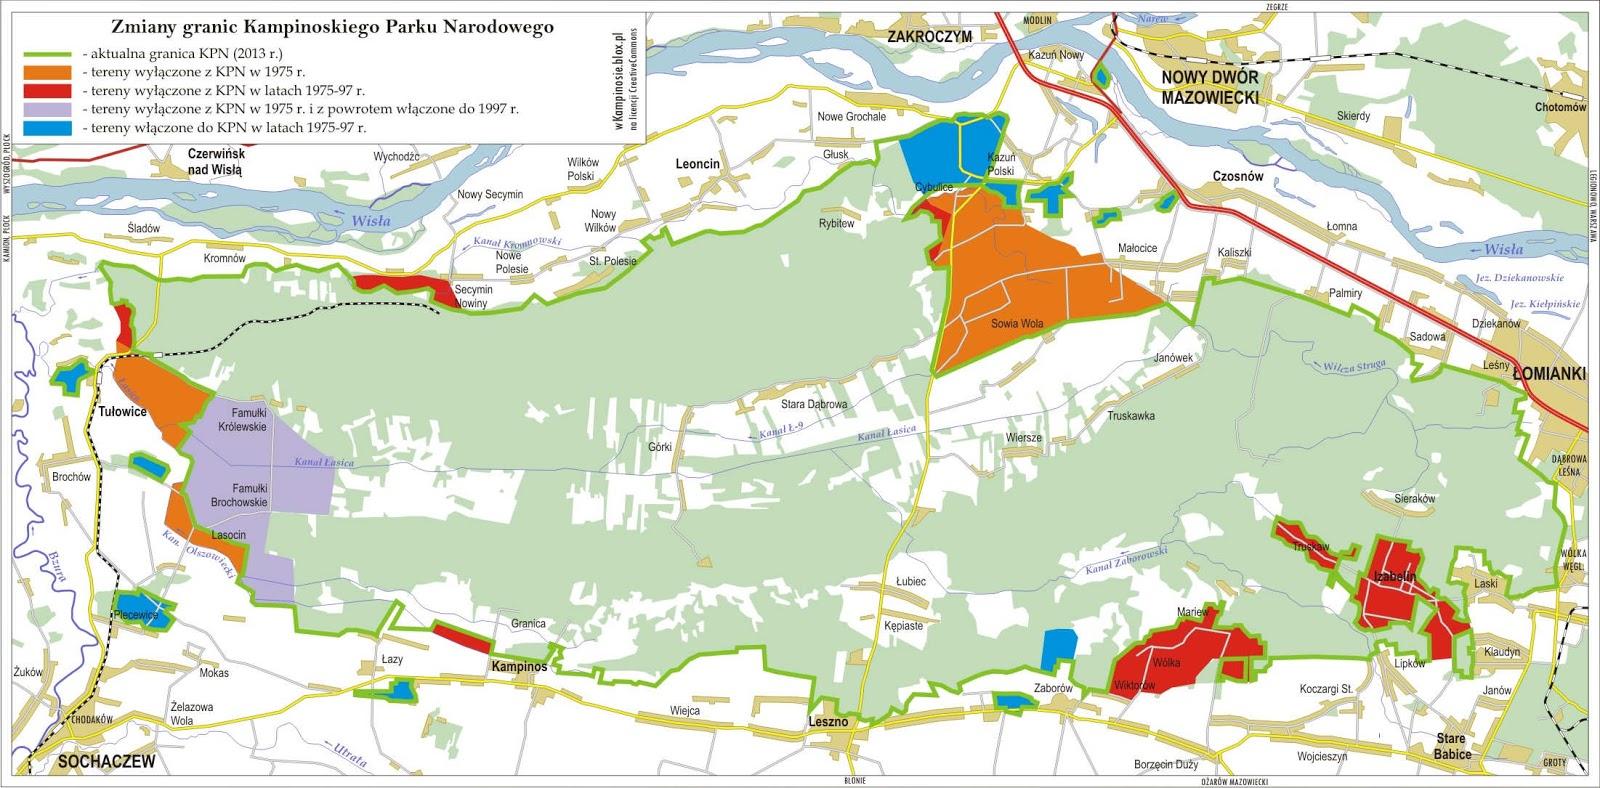 Zmiany granic Kampinoskiego Parku Narodowego